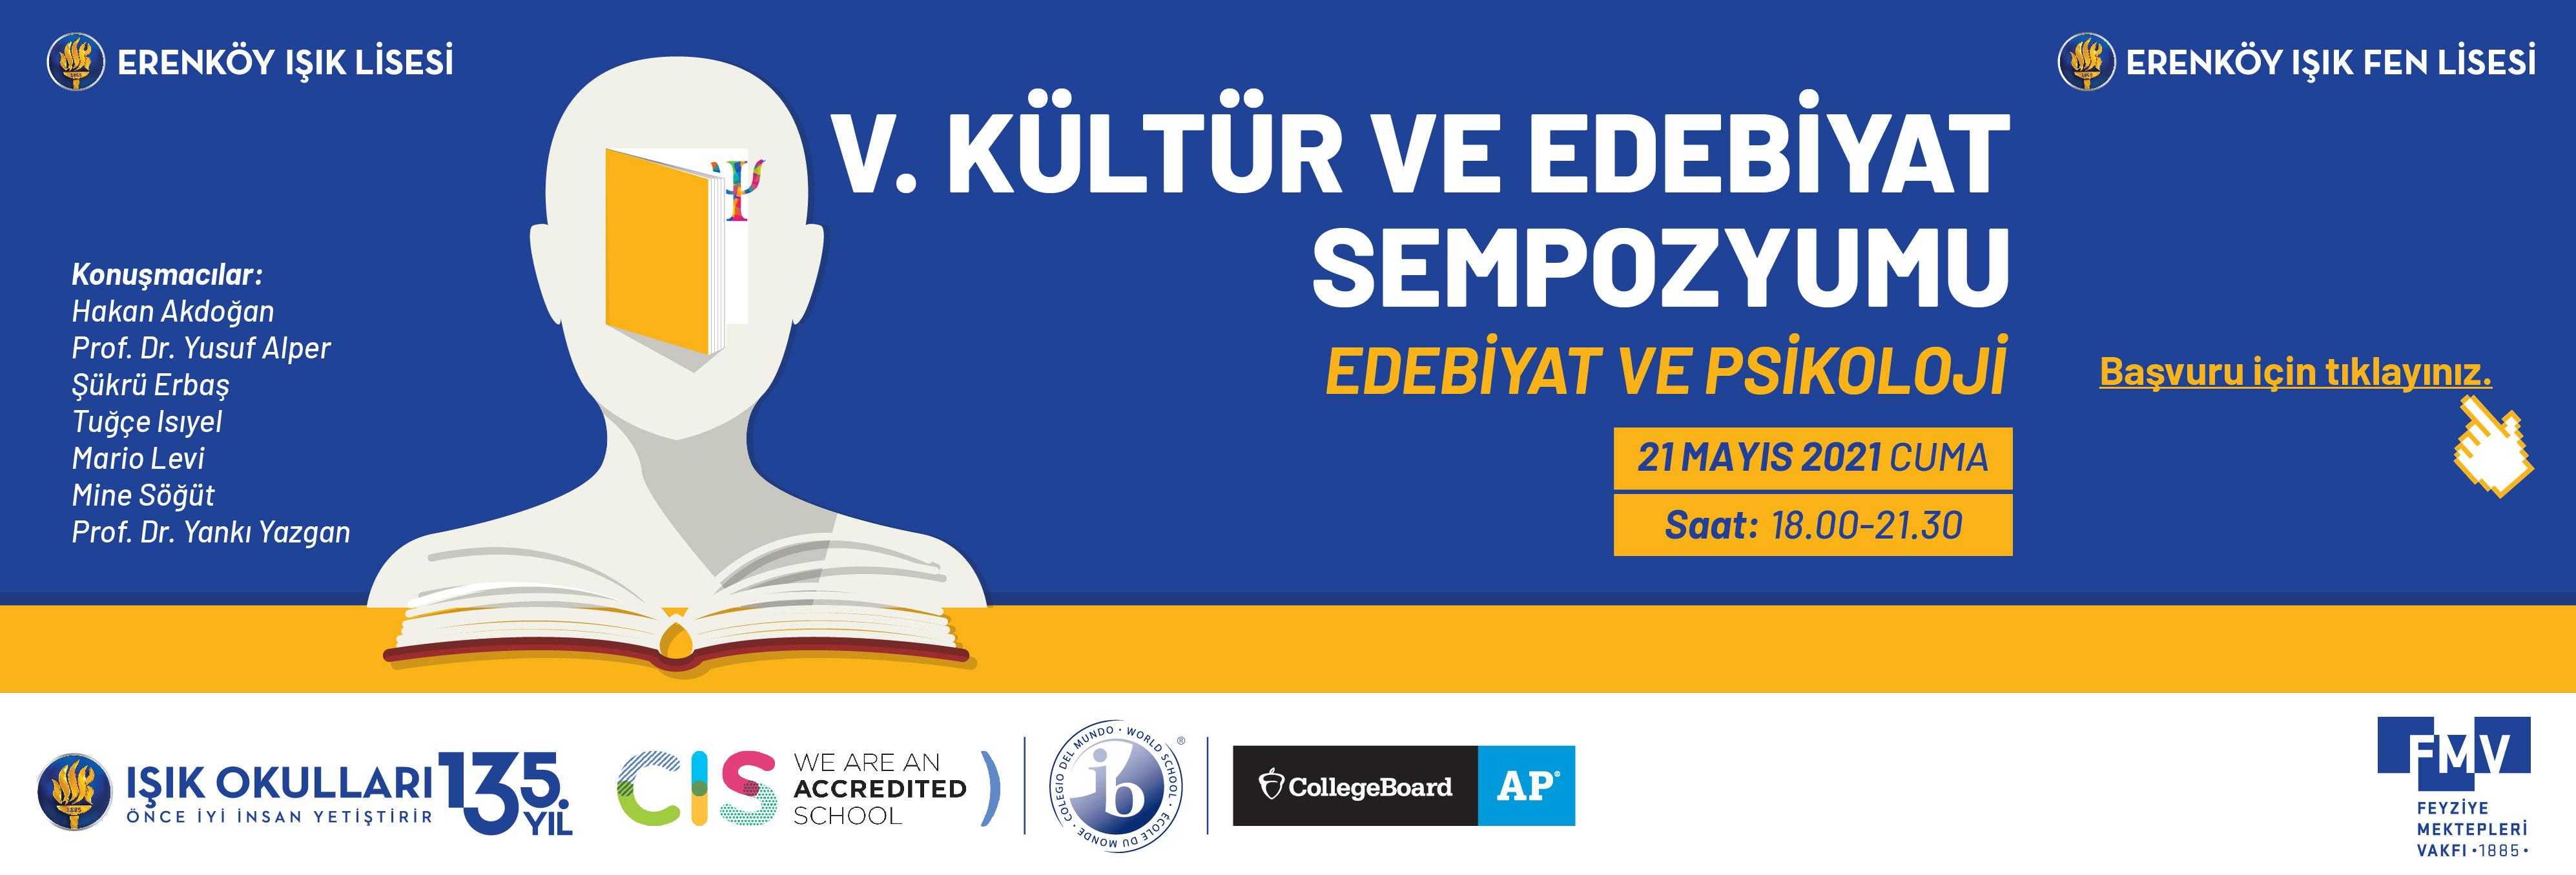 V. Kültür ve Edebiyat Sempozyumu